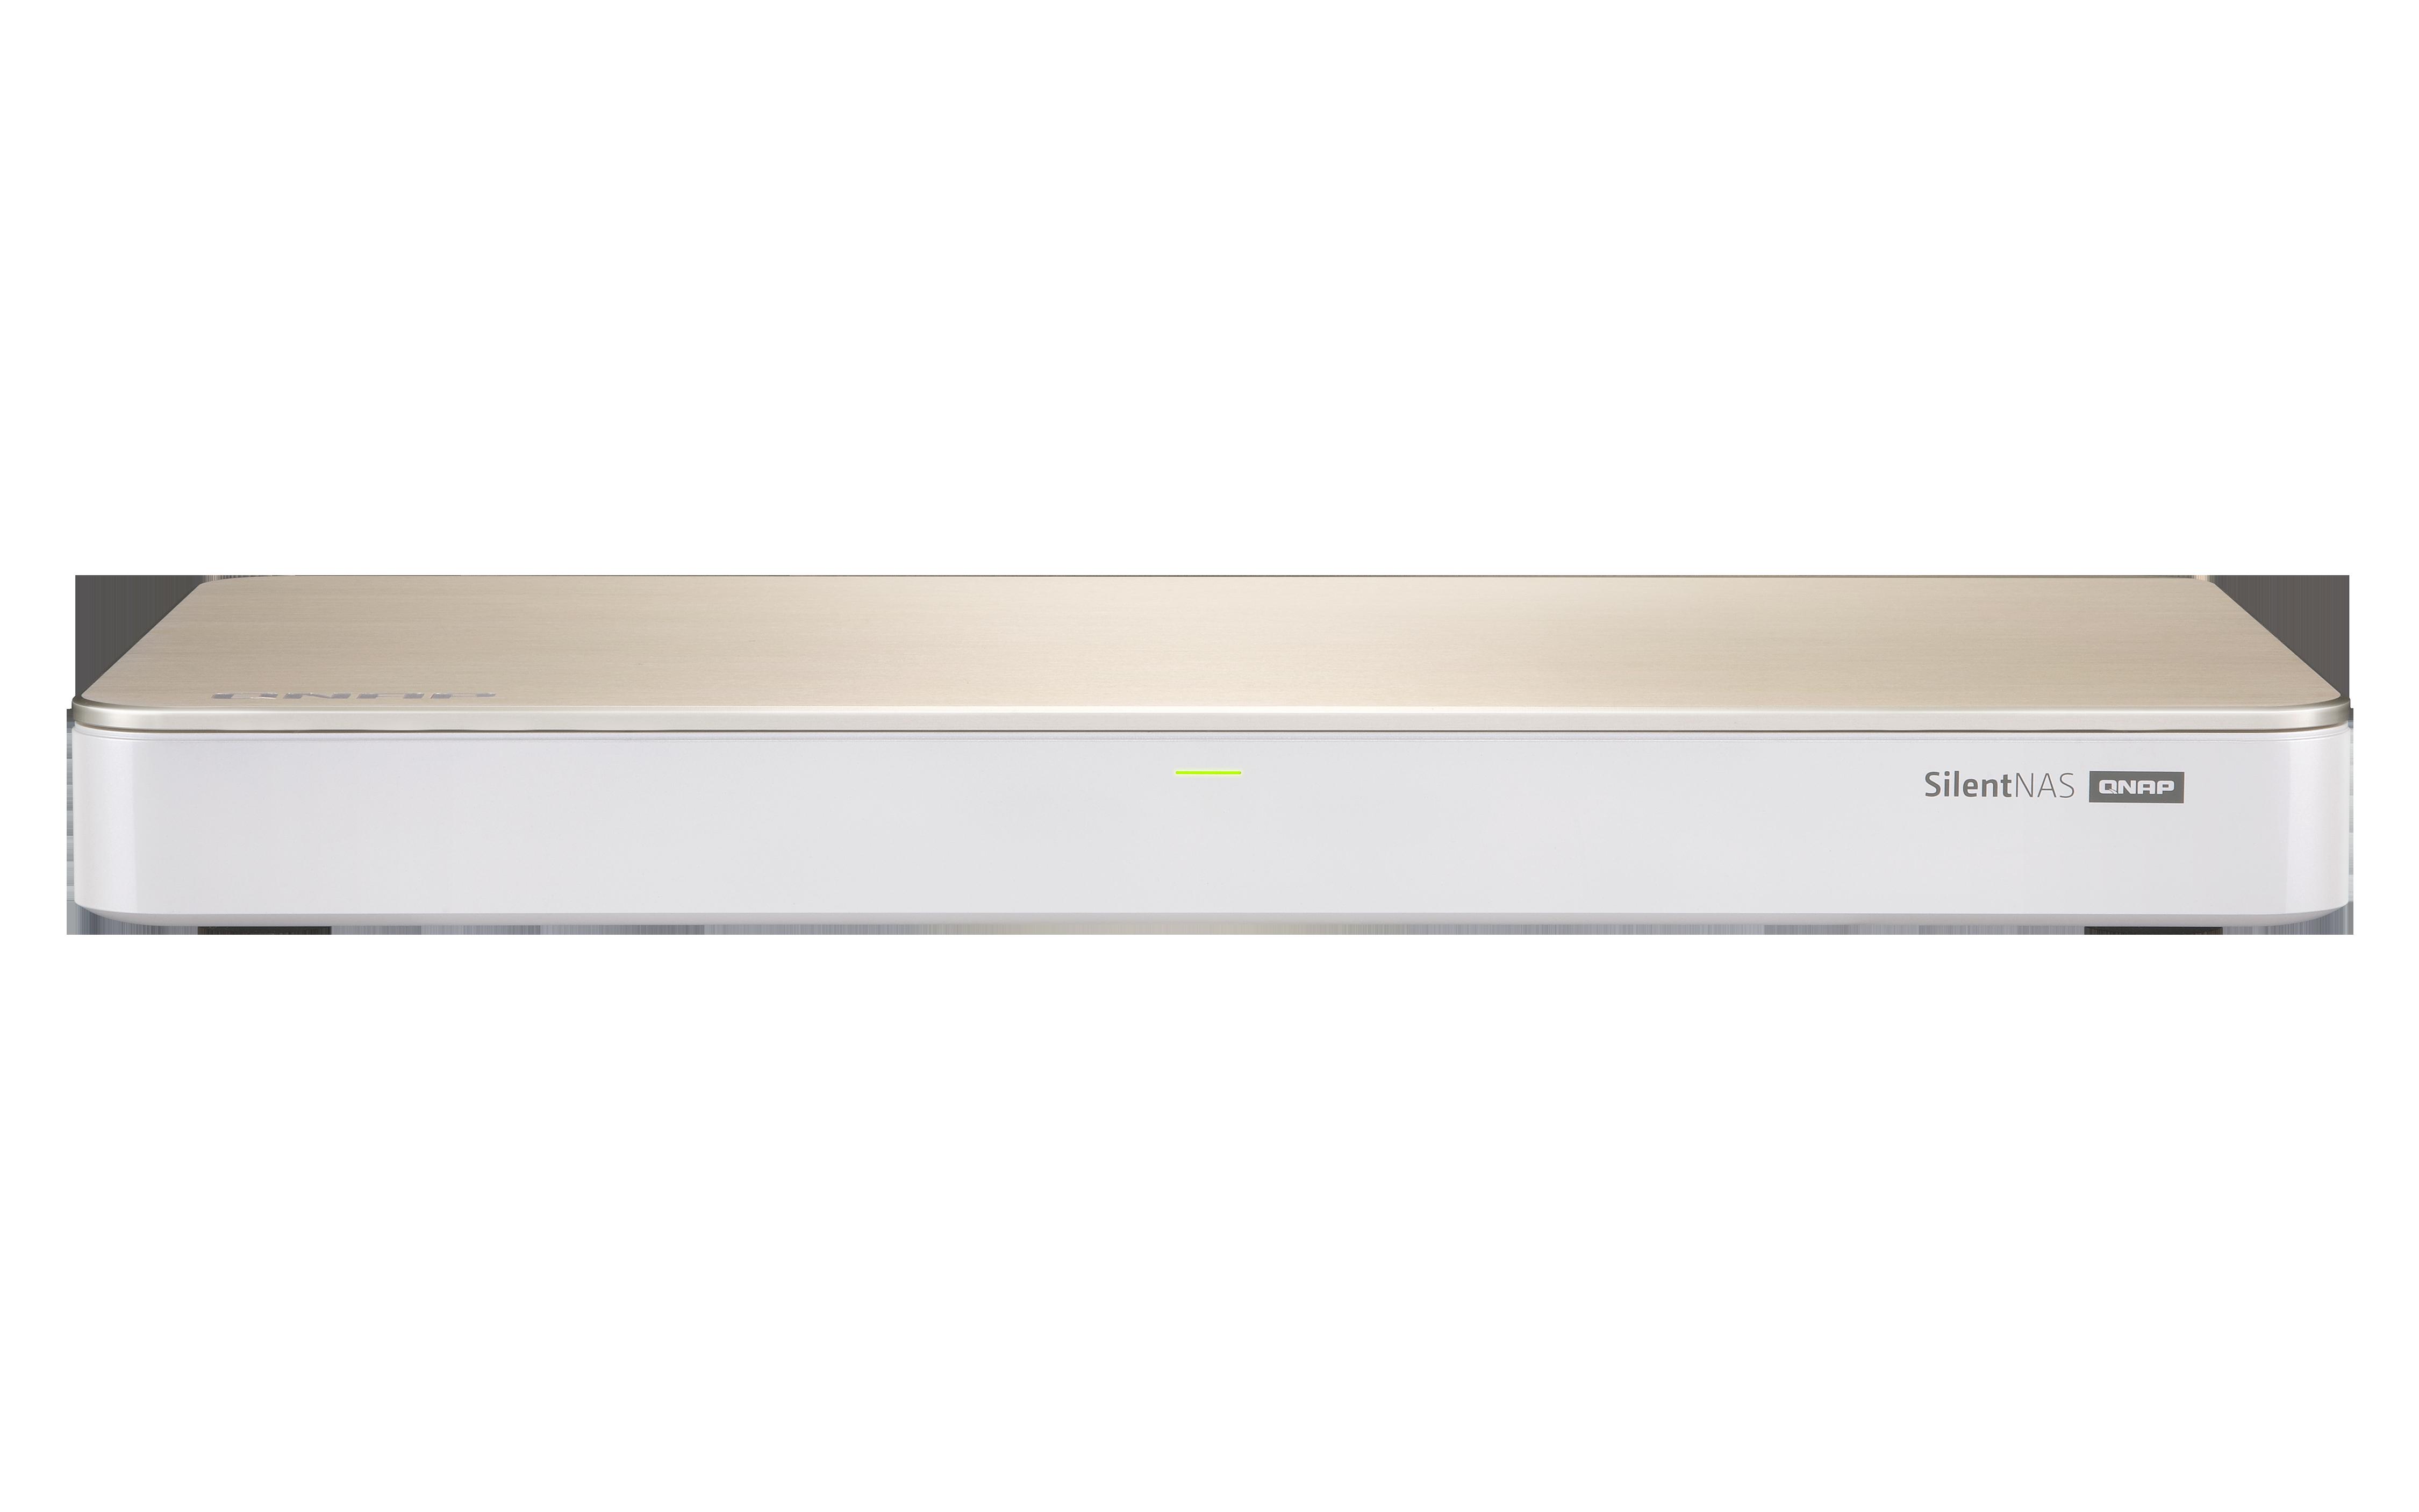 HS-453DX-8G-US